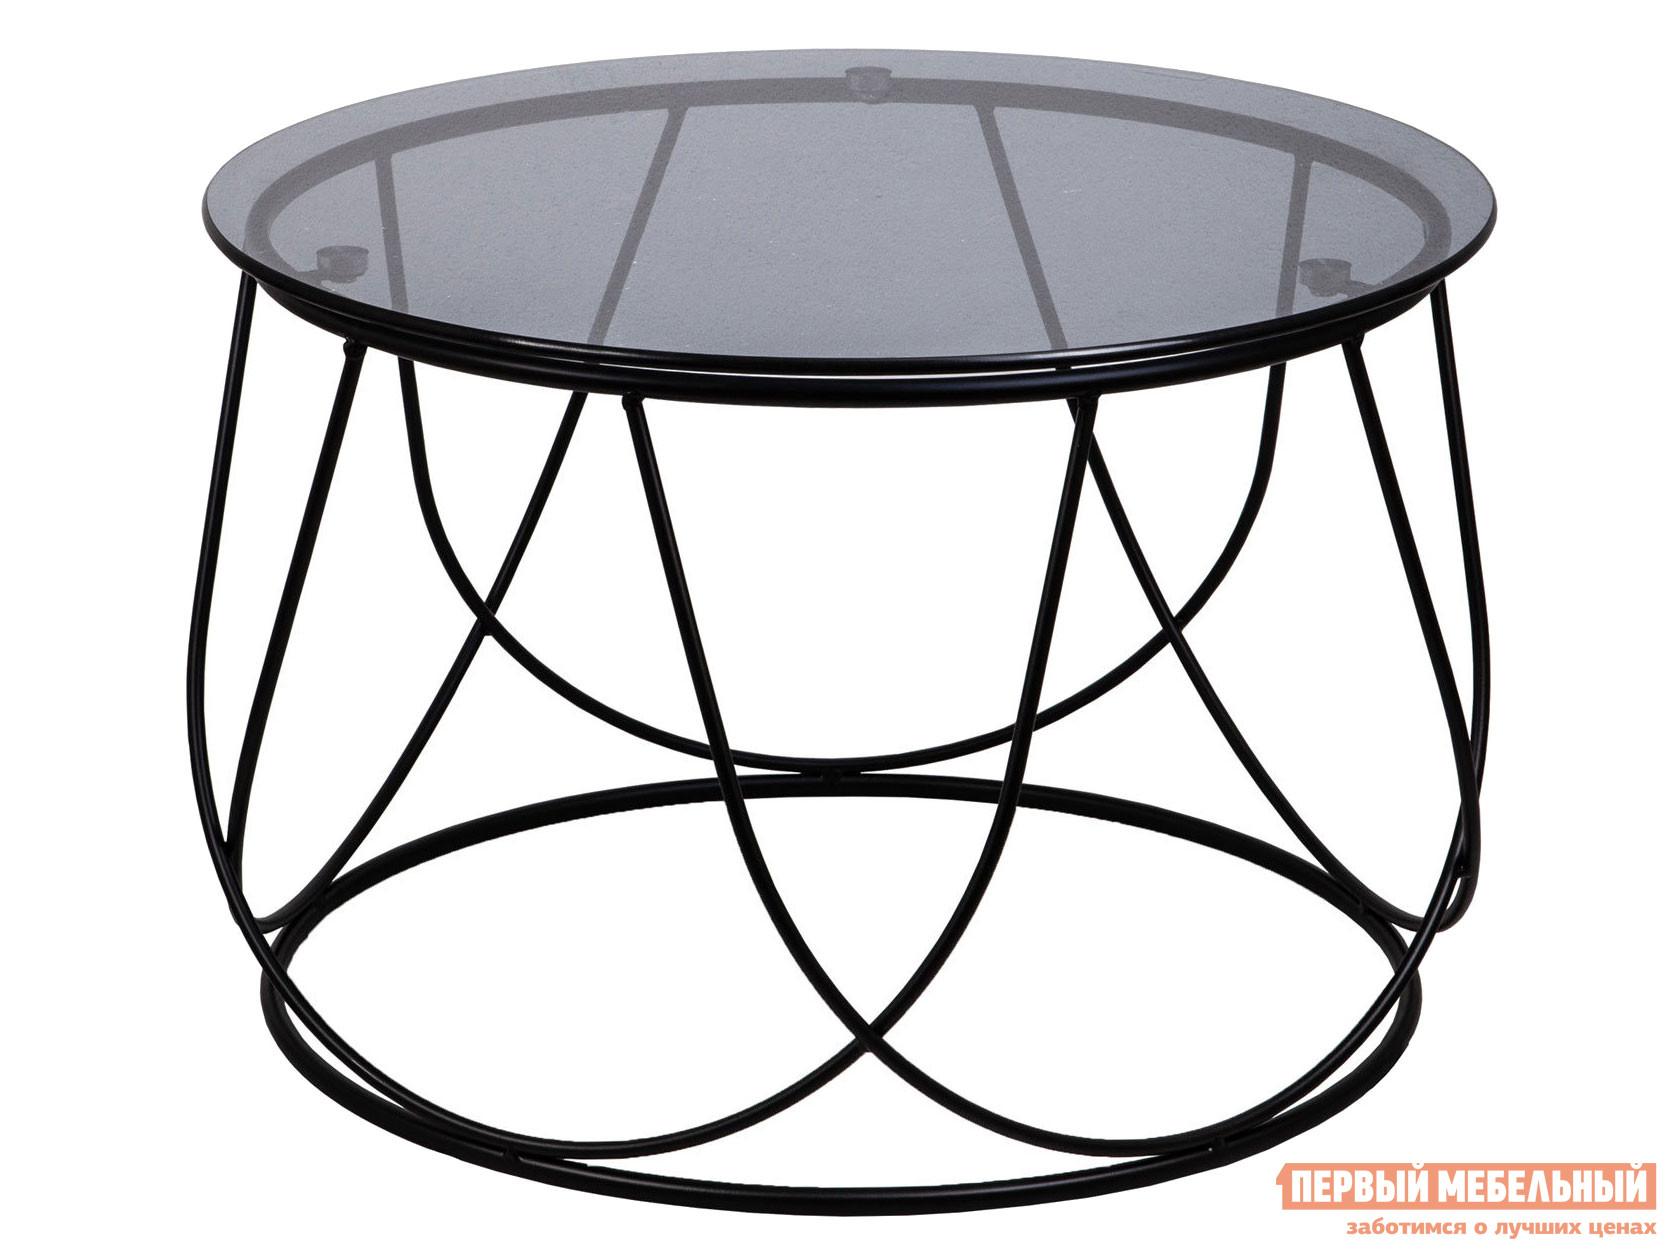 Журнальный столик  Стол BUBBLE Тонированное стекло / Черный, 400 х 600 мм Sedia 123069